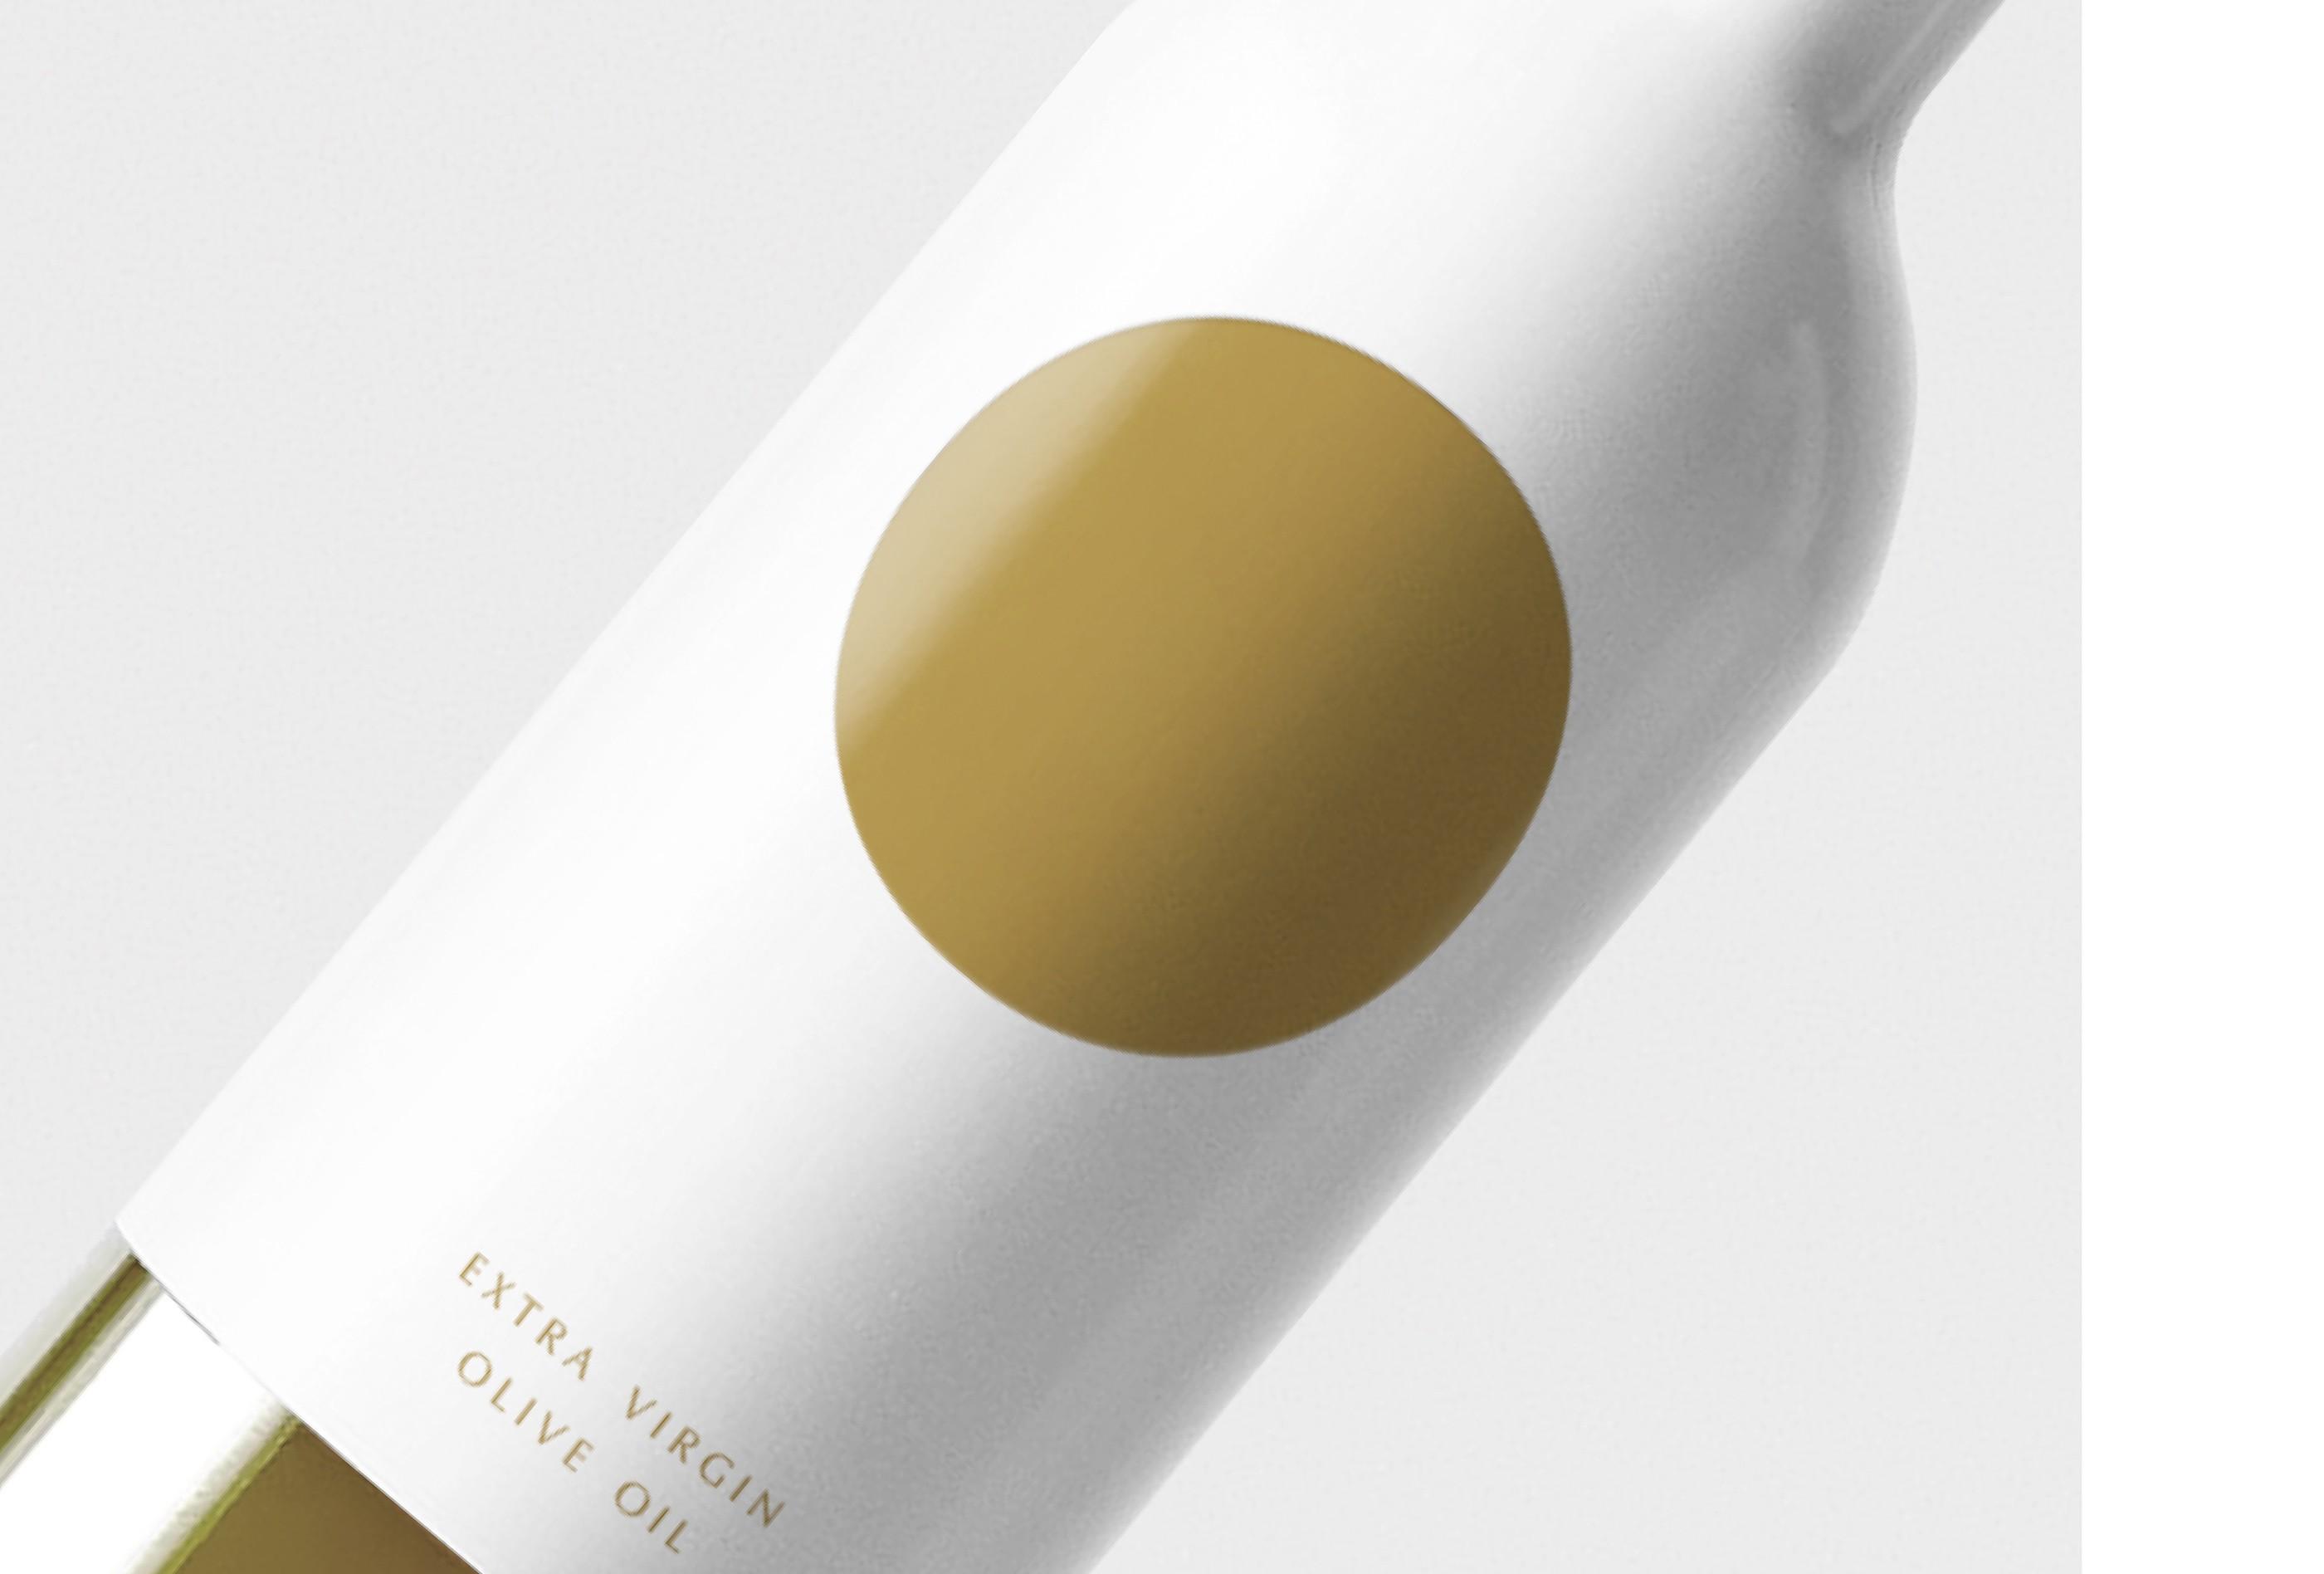 Oro橄榄油包装设计